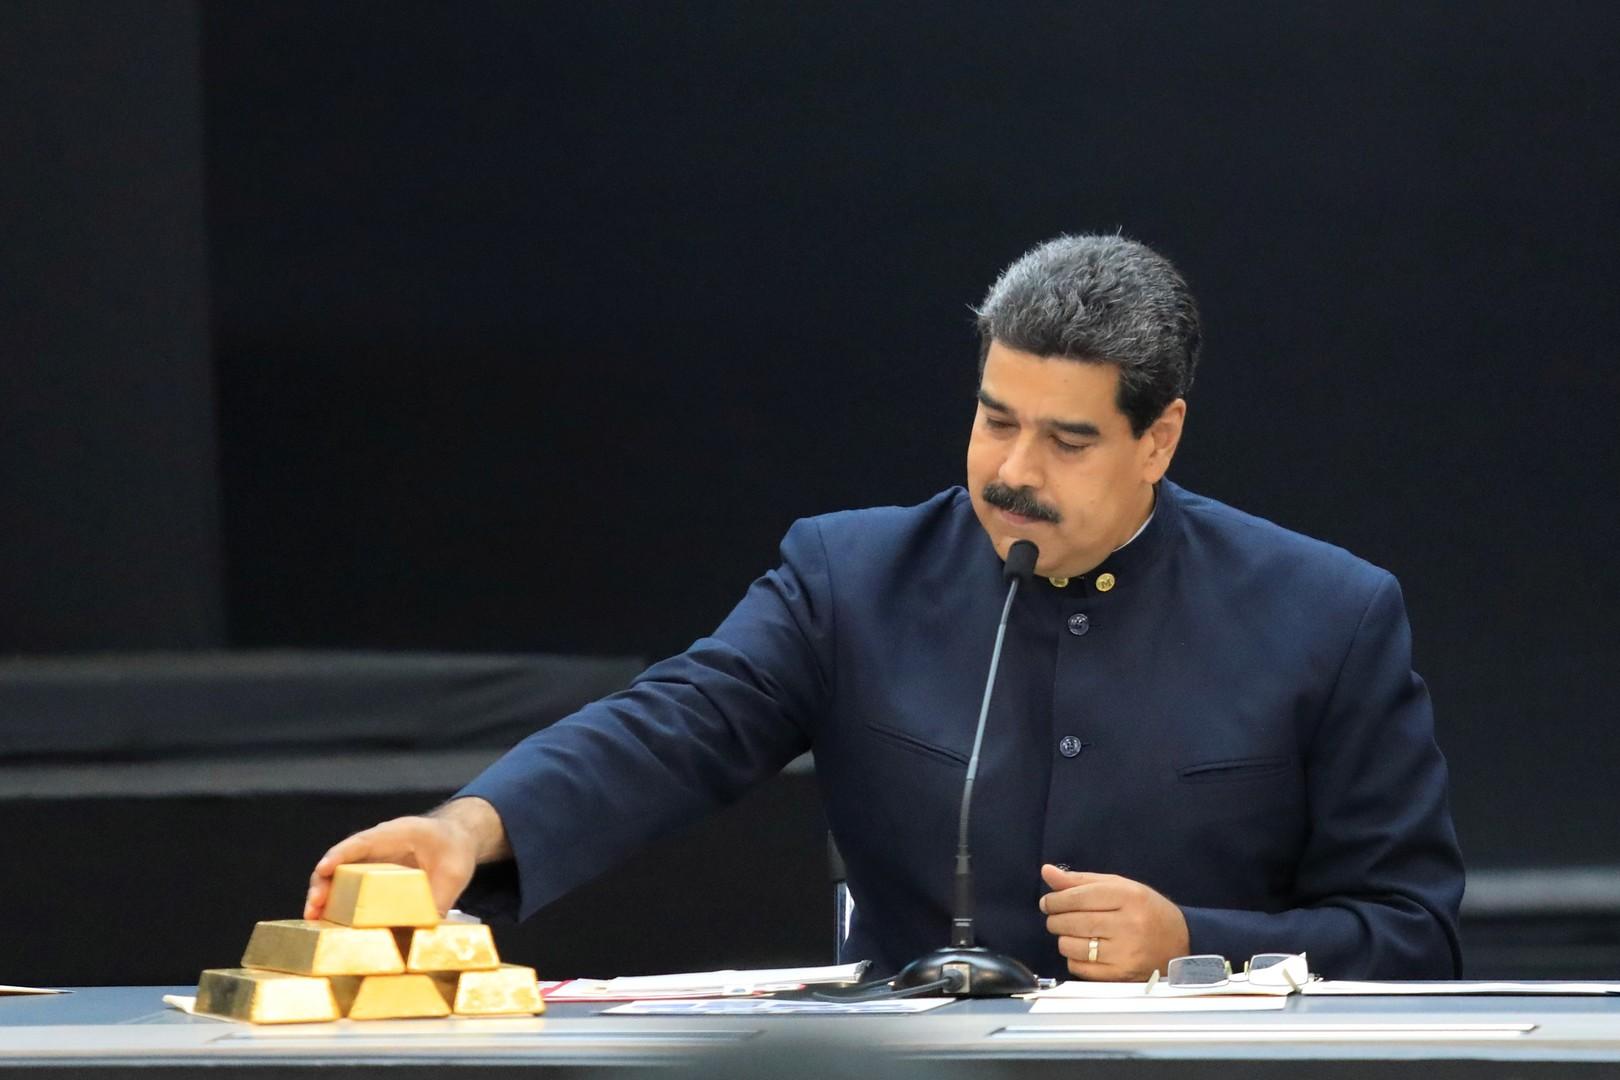 فنزويلا تتحدى العقوبات الأمريكية وتبيع ذهبا بـ40 مليون دولار